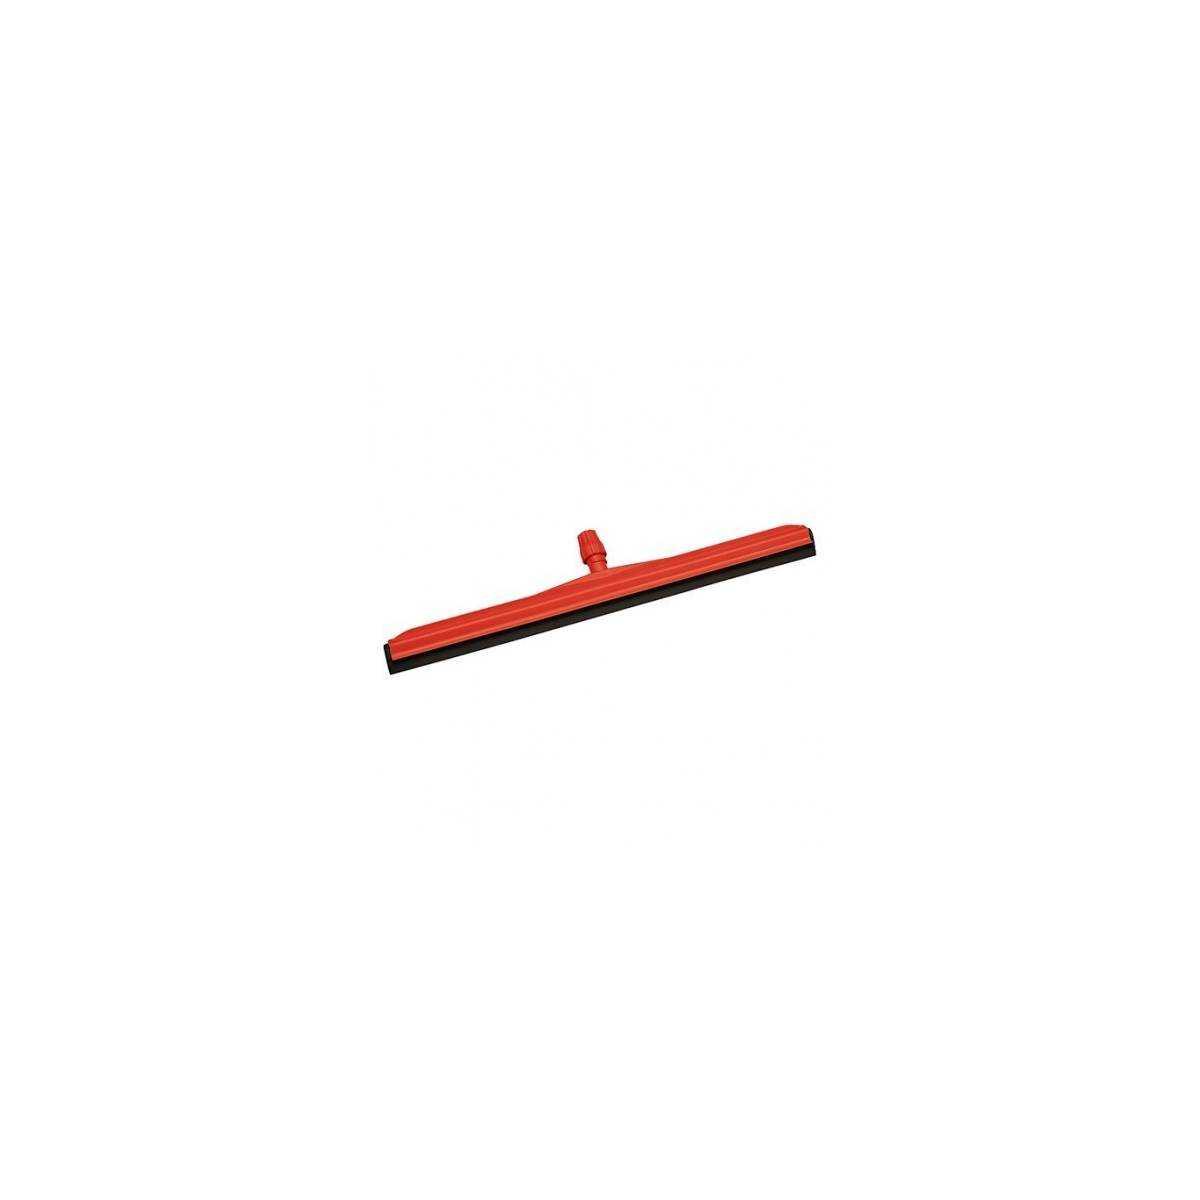 Скребок для сгона воды с пола полипропиленовый 75см (Красного цвета) 00008658 TTS